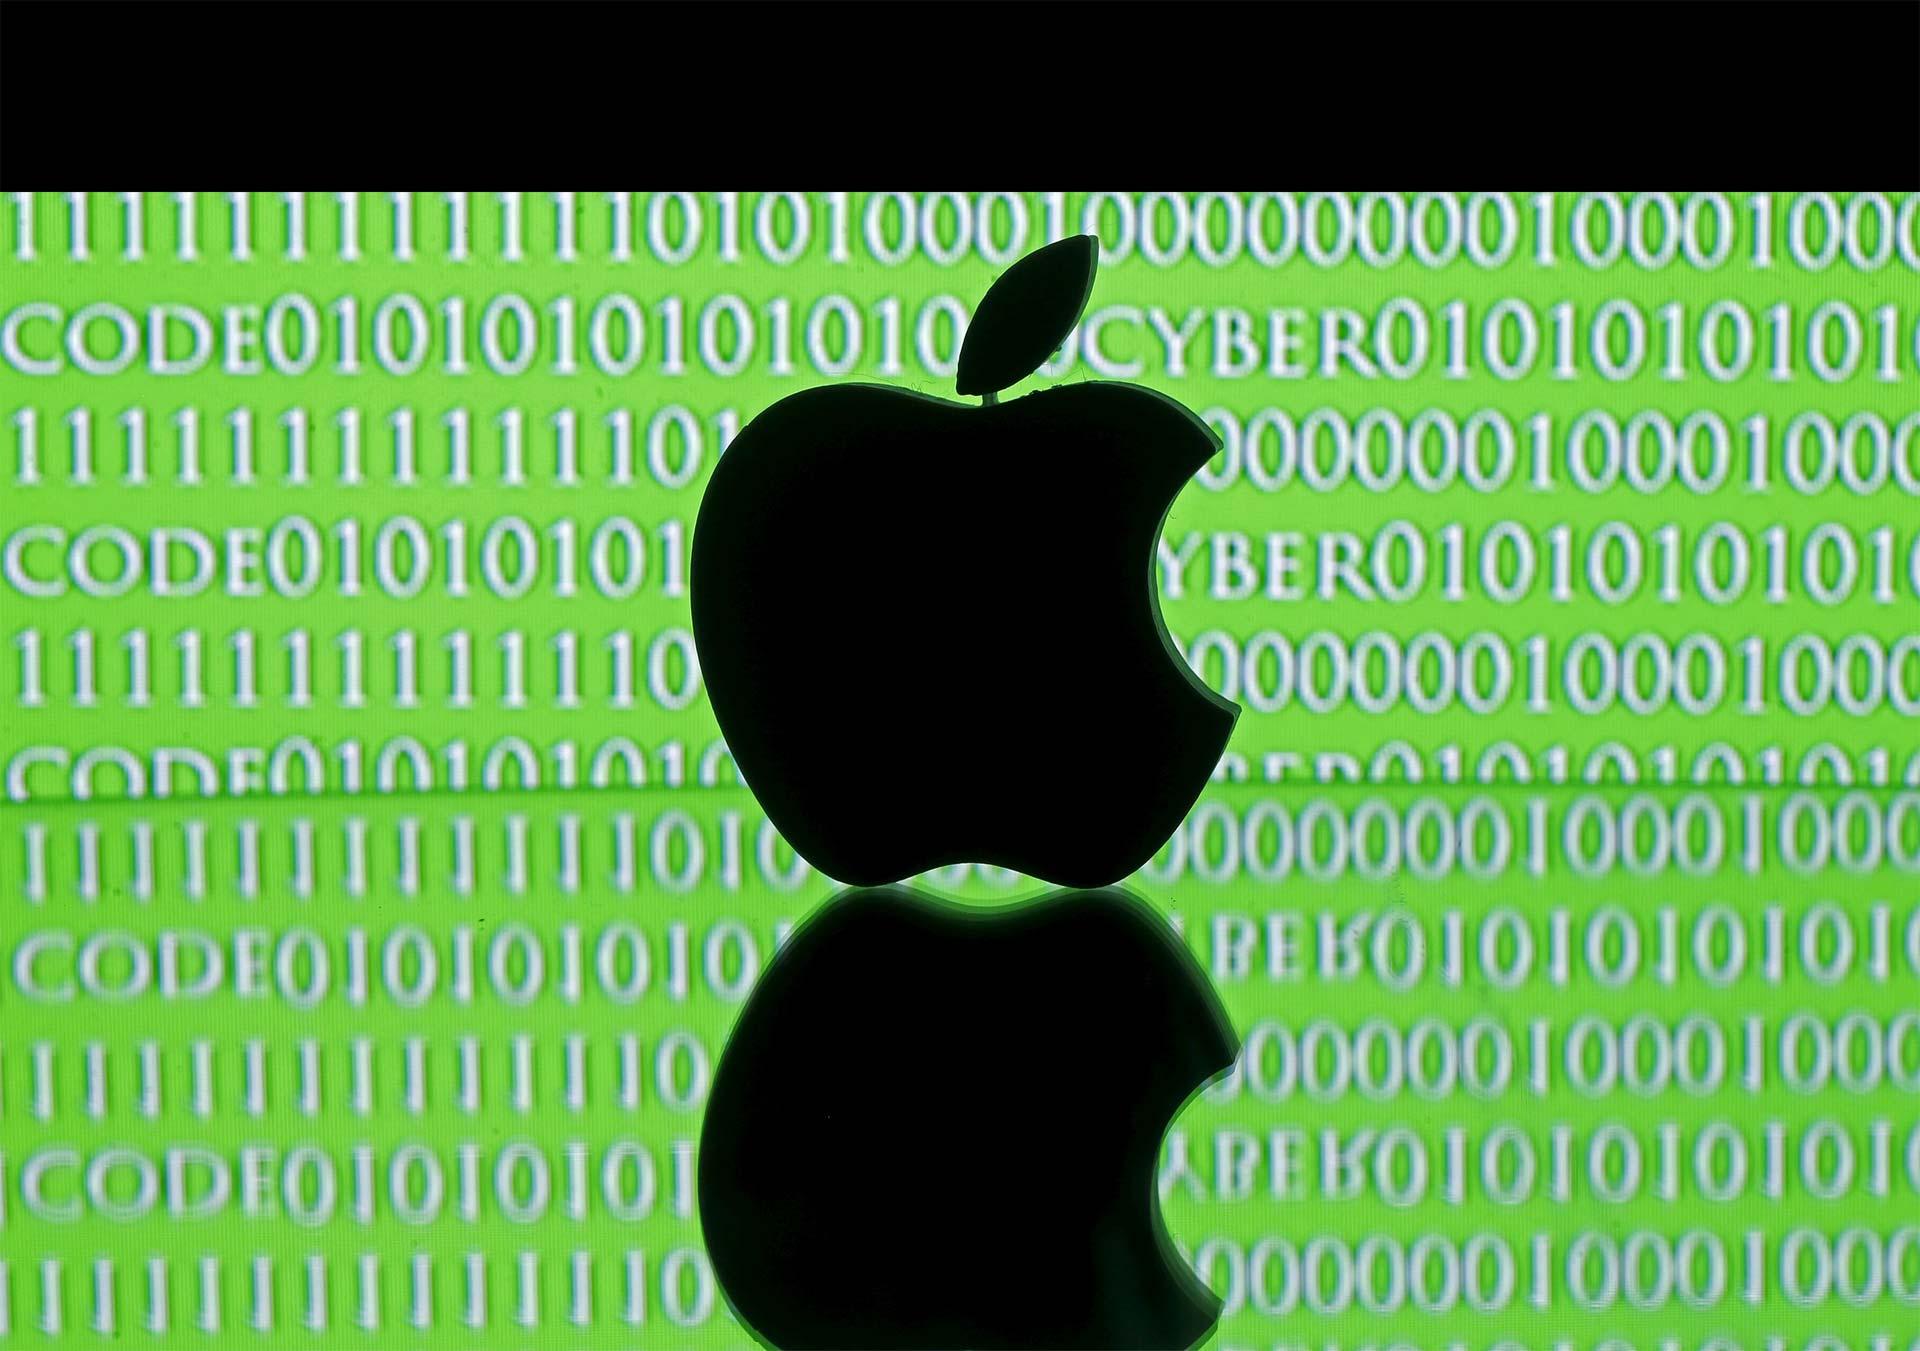 La empresa defendió el sistema de esncriptaje usado en sus teléfonos, en una audiencia ante el Congreso